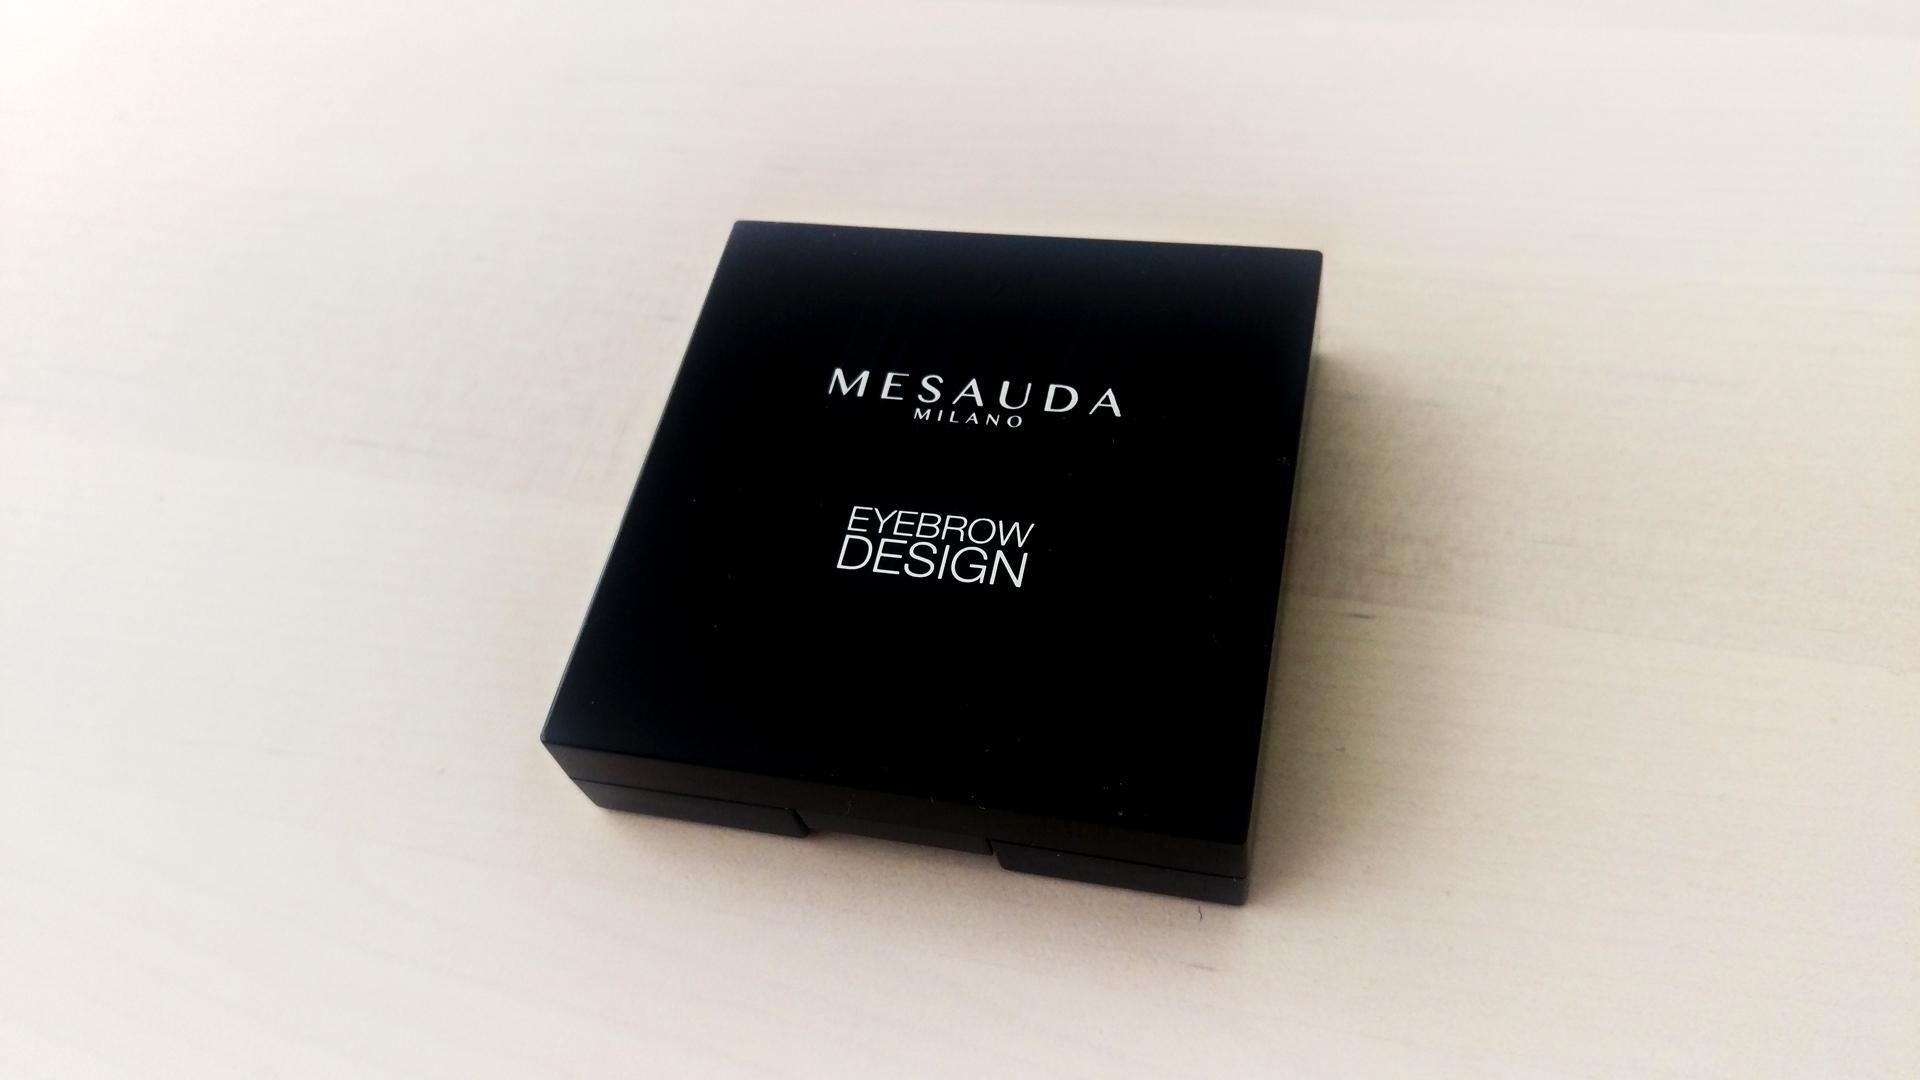 Mesauda Eyebrow Design 303 Brunette goodiebox shop darieflavour